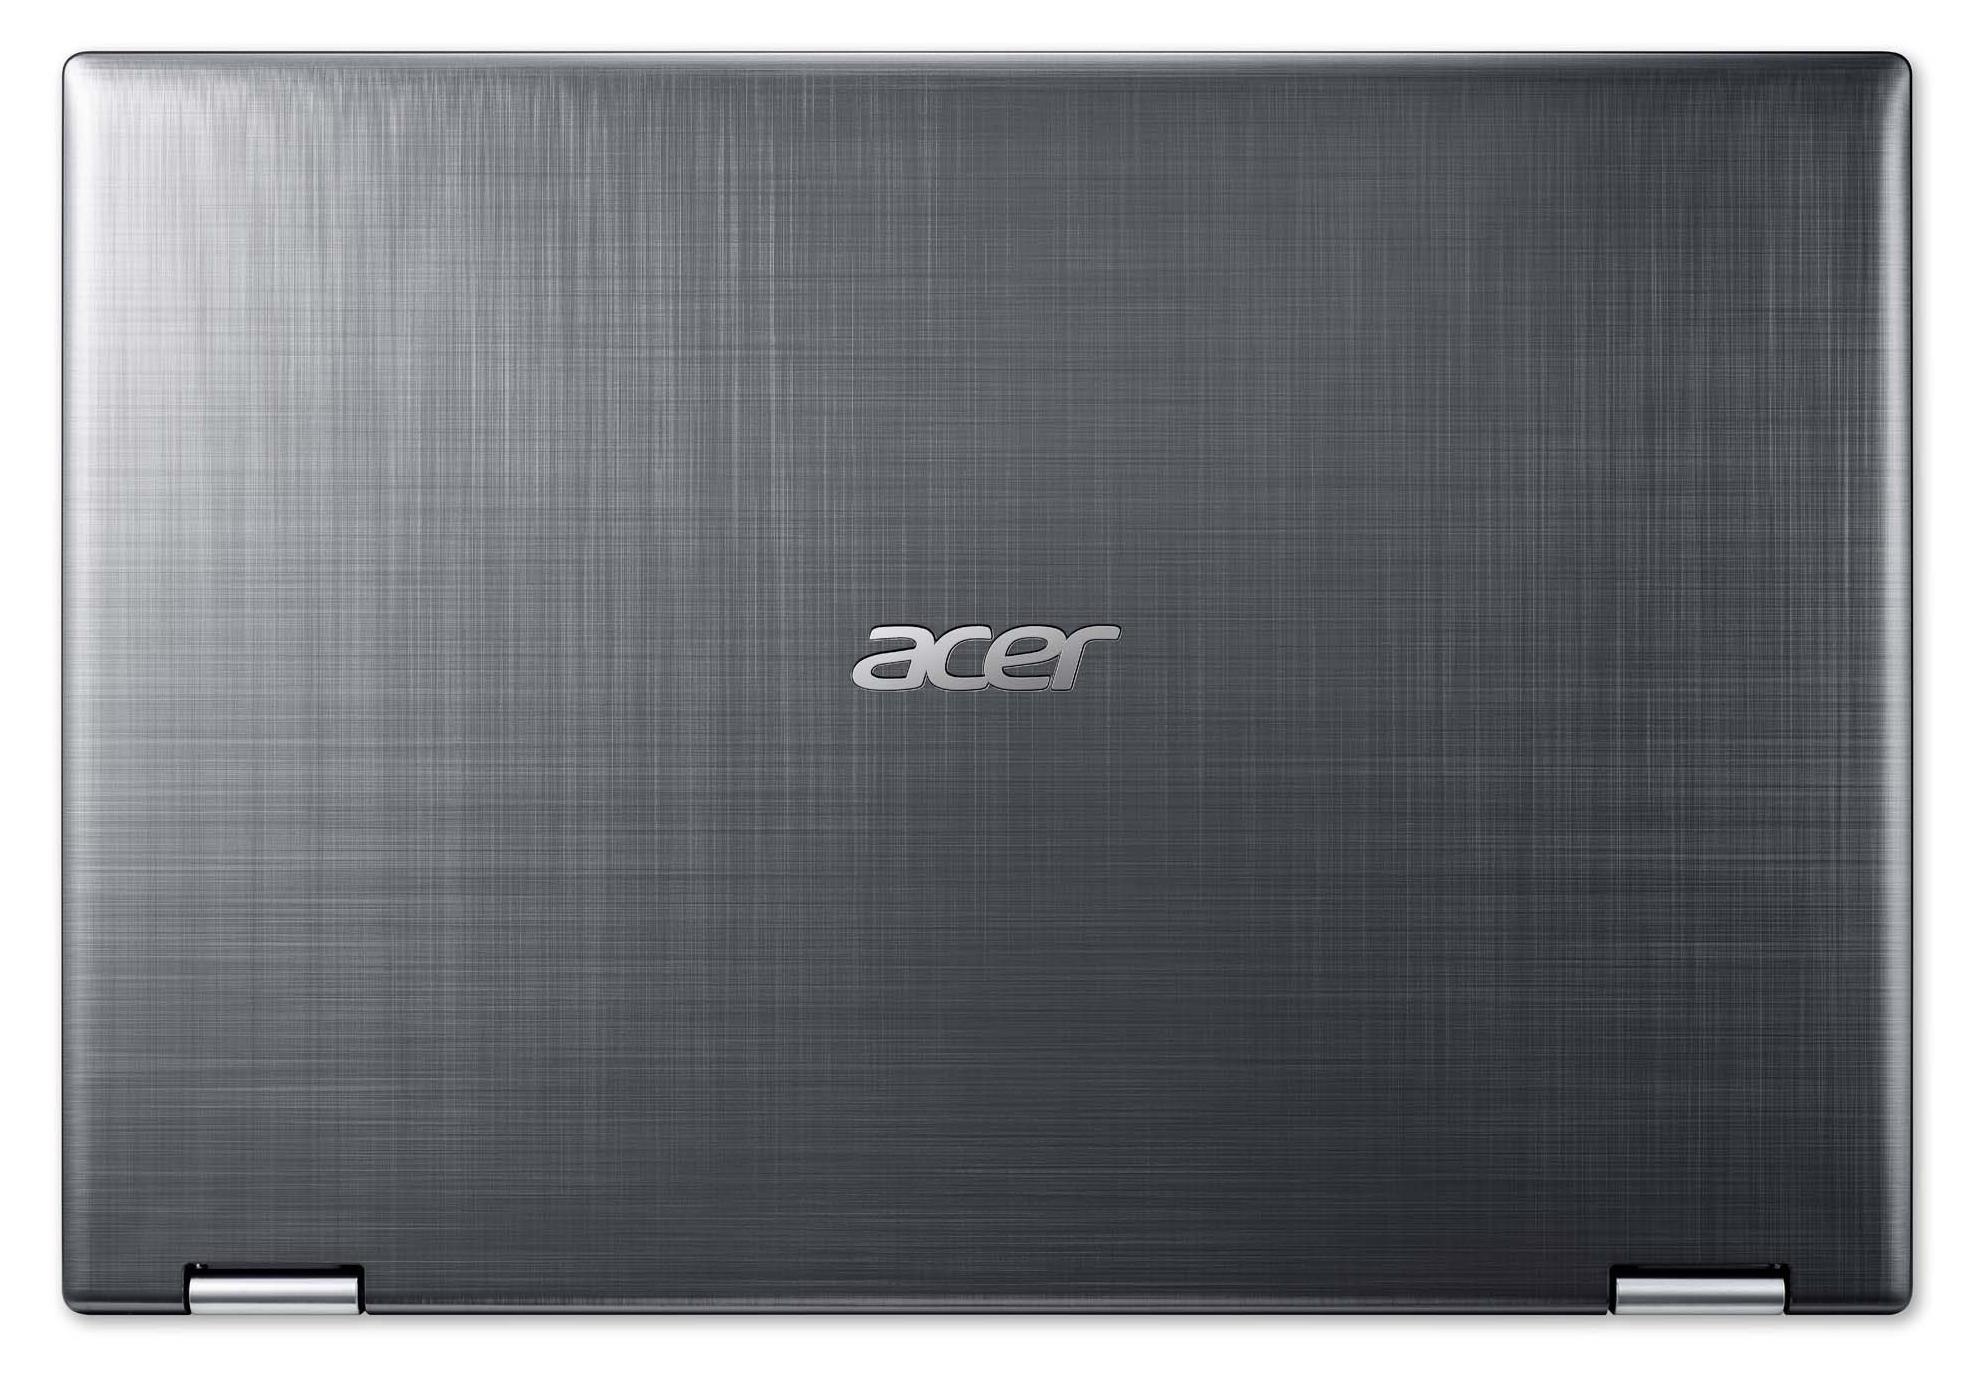 Acer Spin SP315-51 Realtek Card Reader Download Drivers